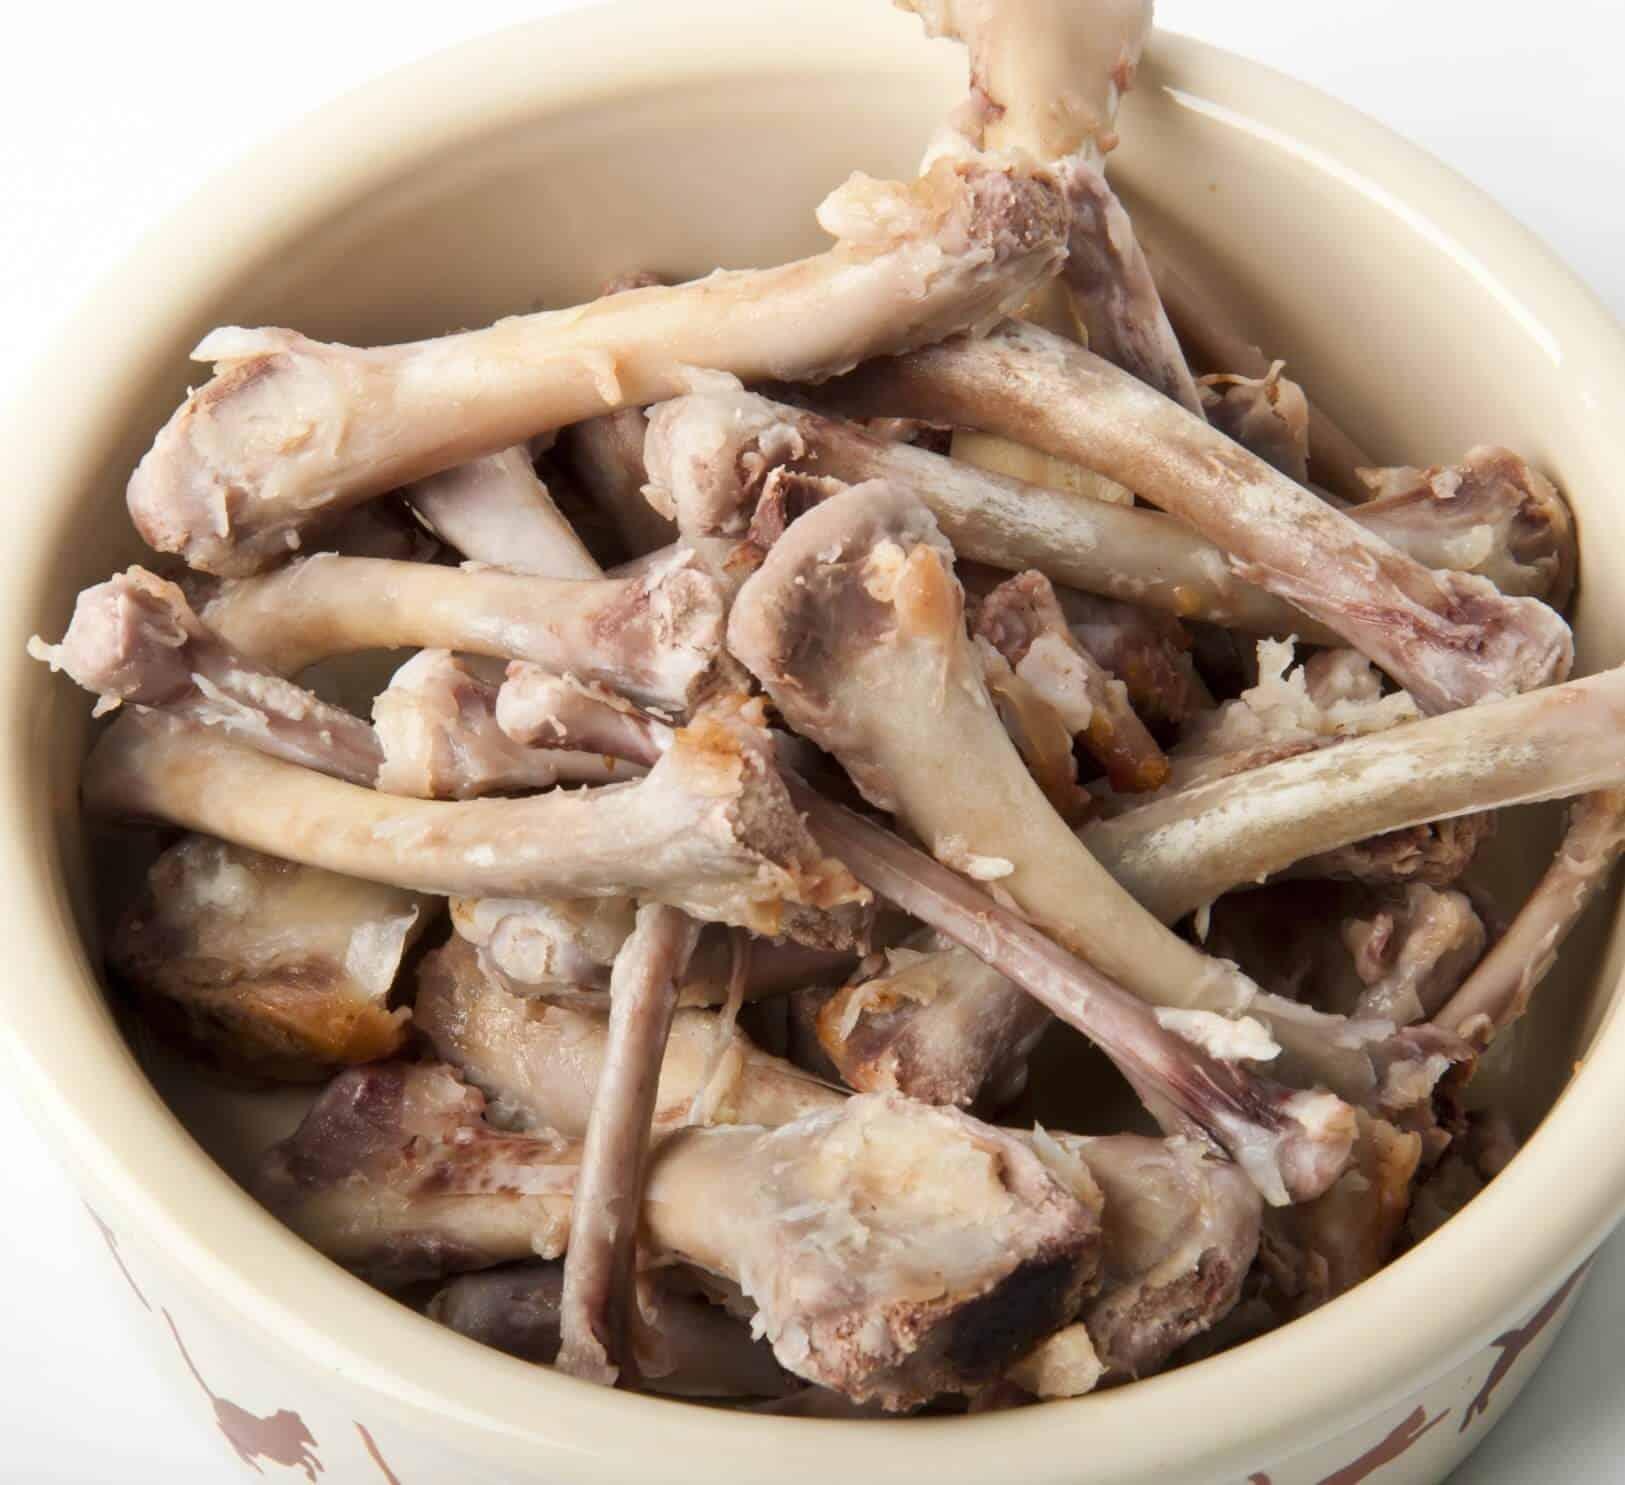 Can Cats Eat Chicken Bones